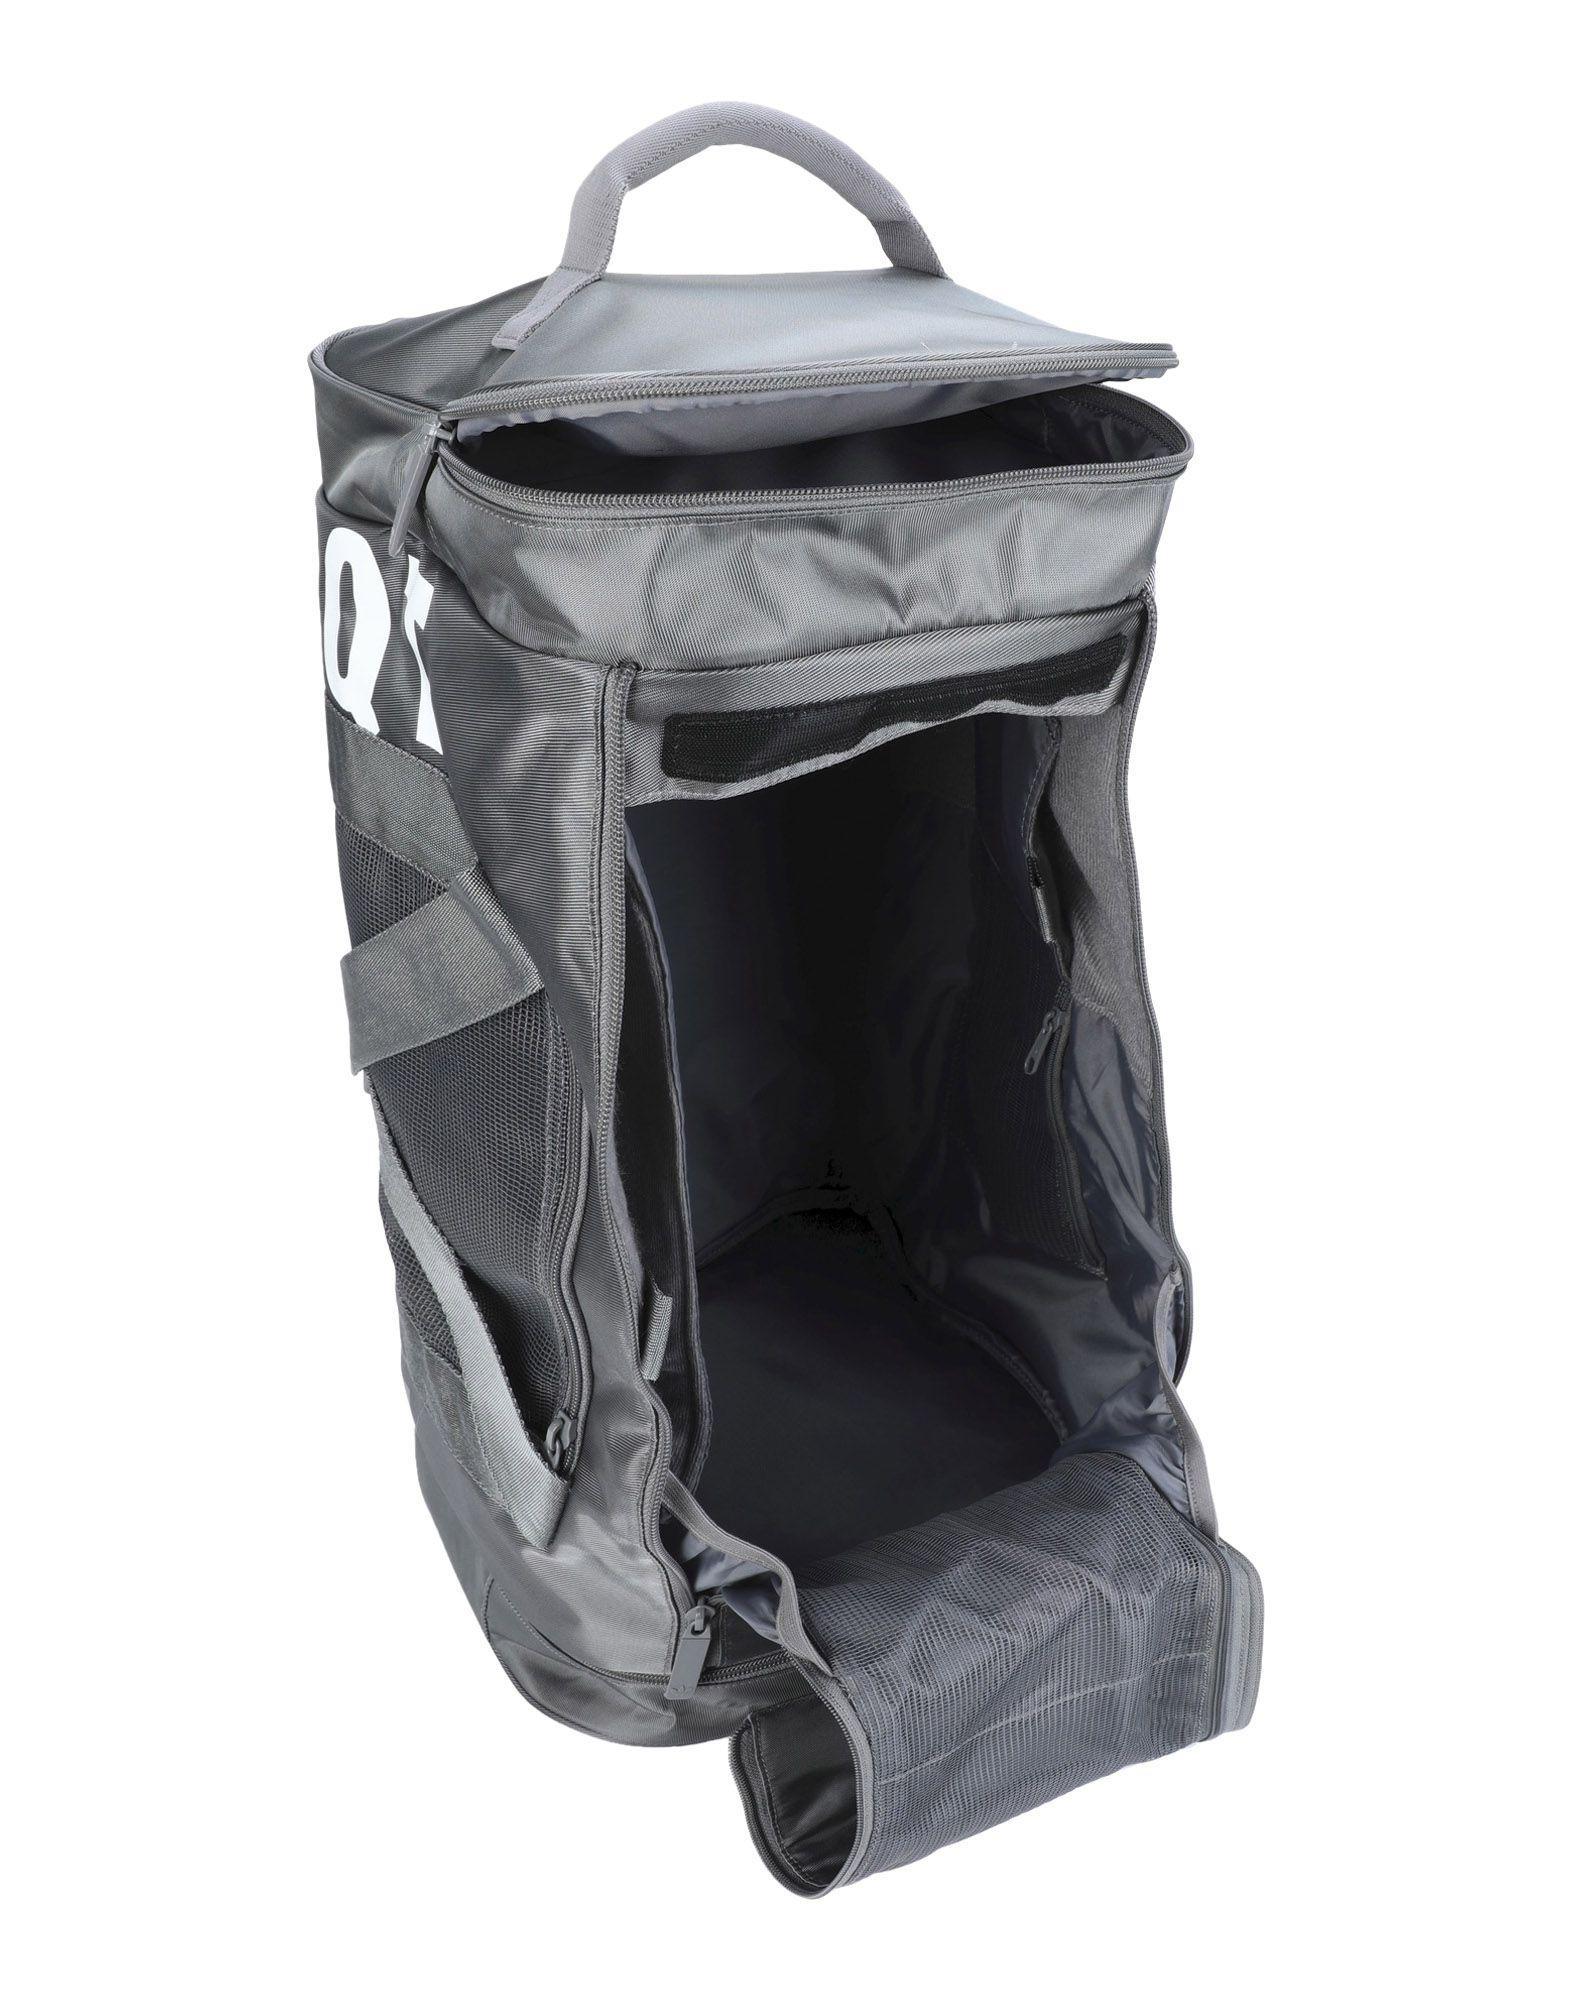 bdd43b41d8 Lyst - adidas Originals Backpacks   Fanny Packs in Gray for Men